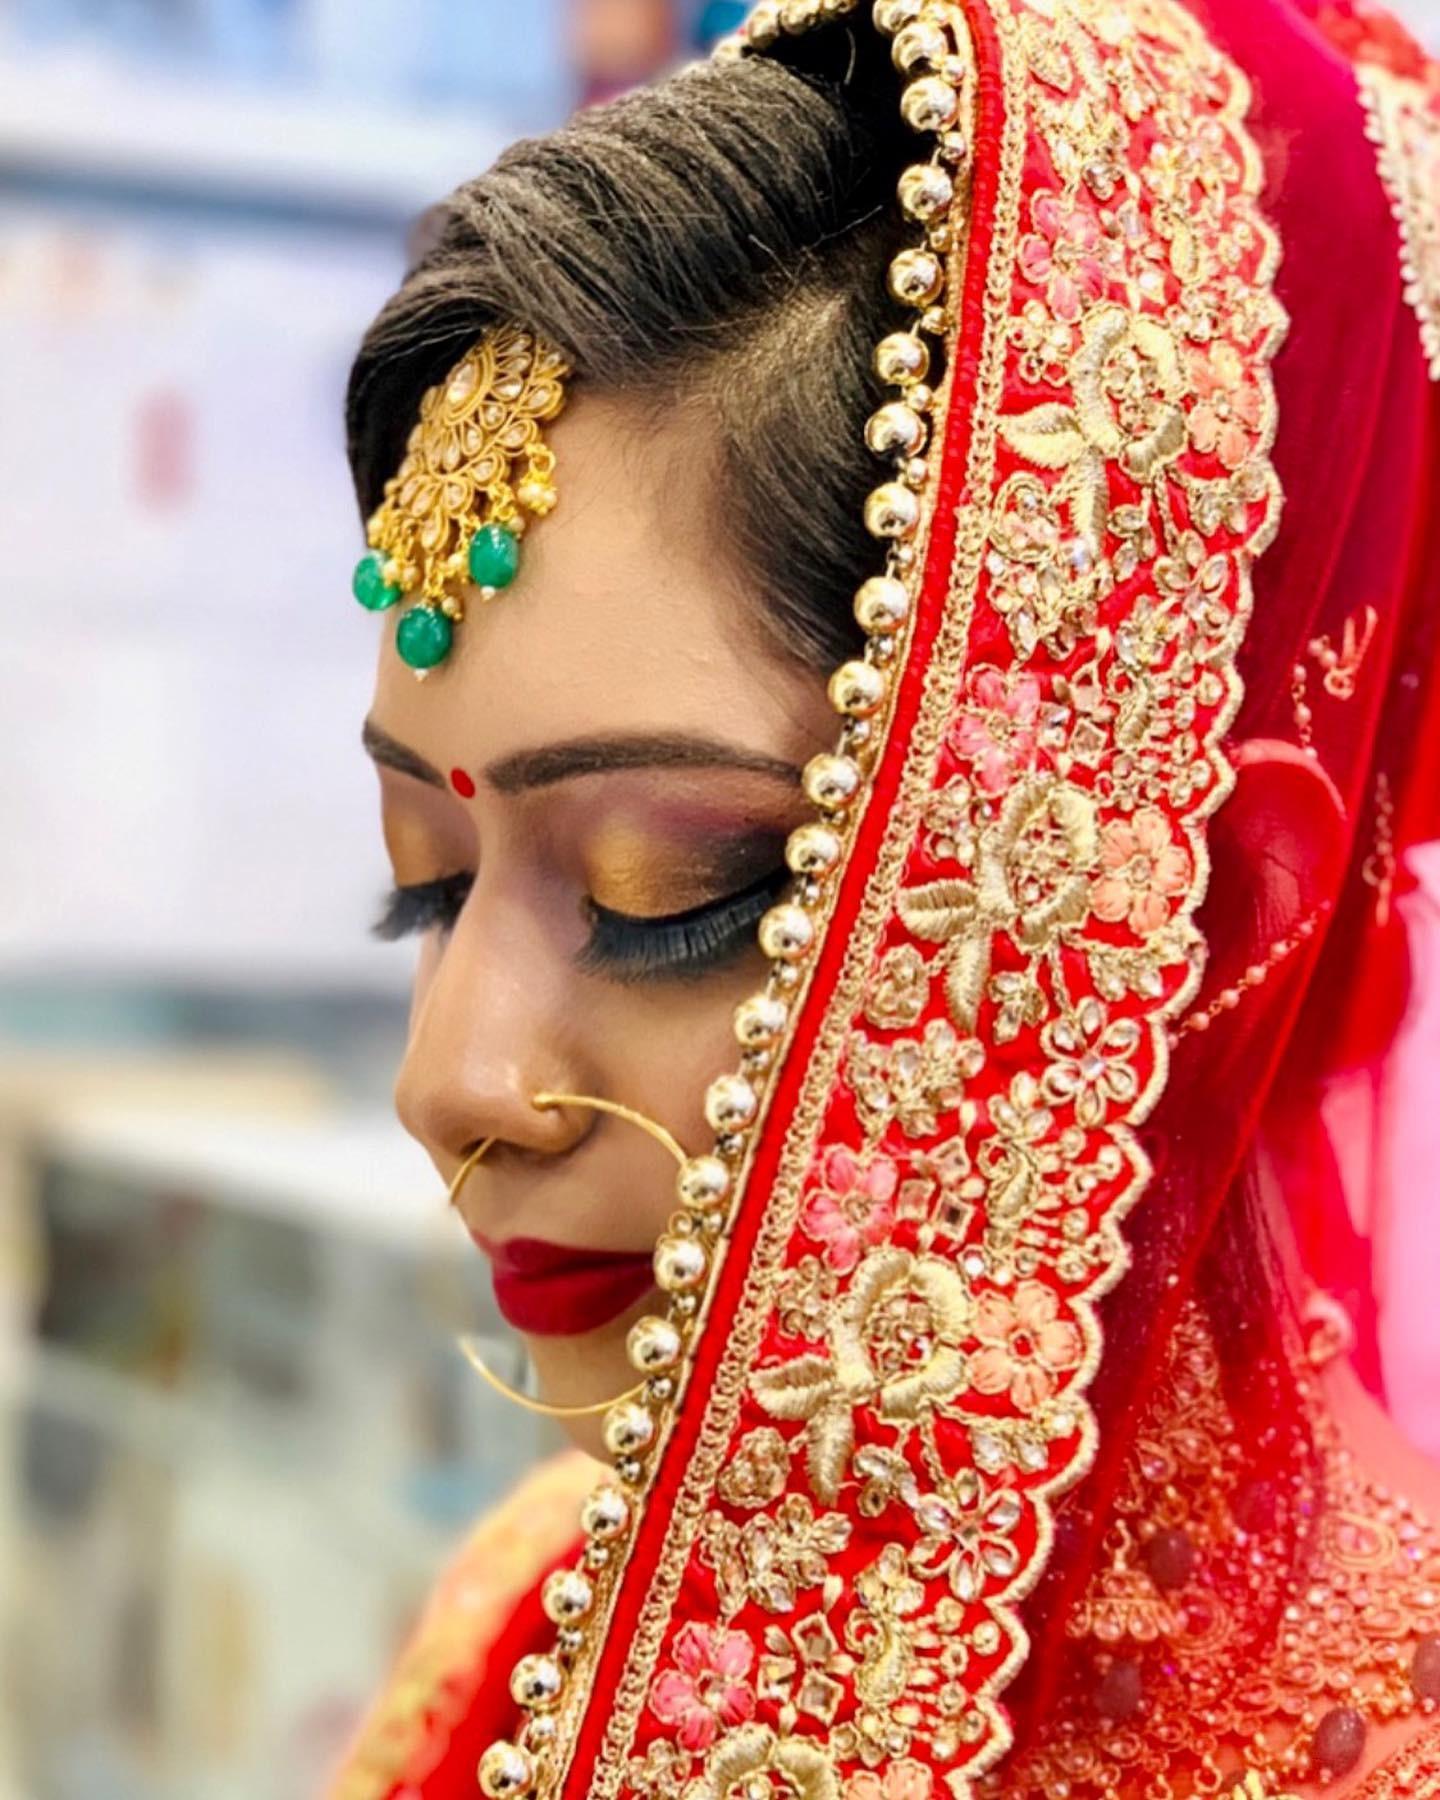 Awadh Beauty Parlour